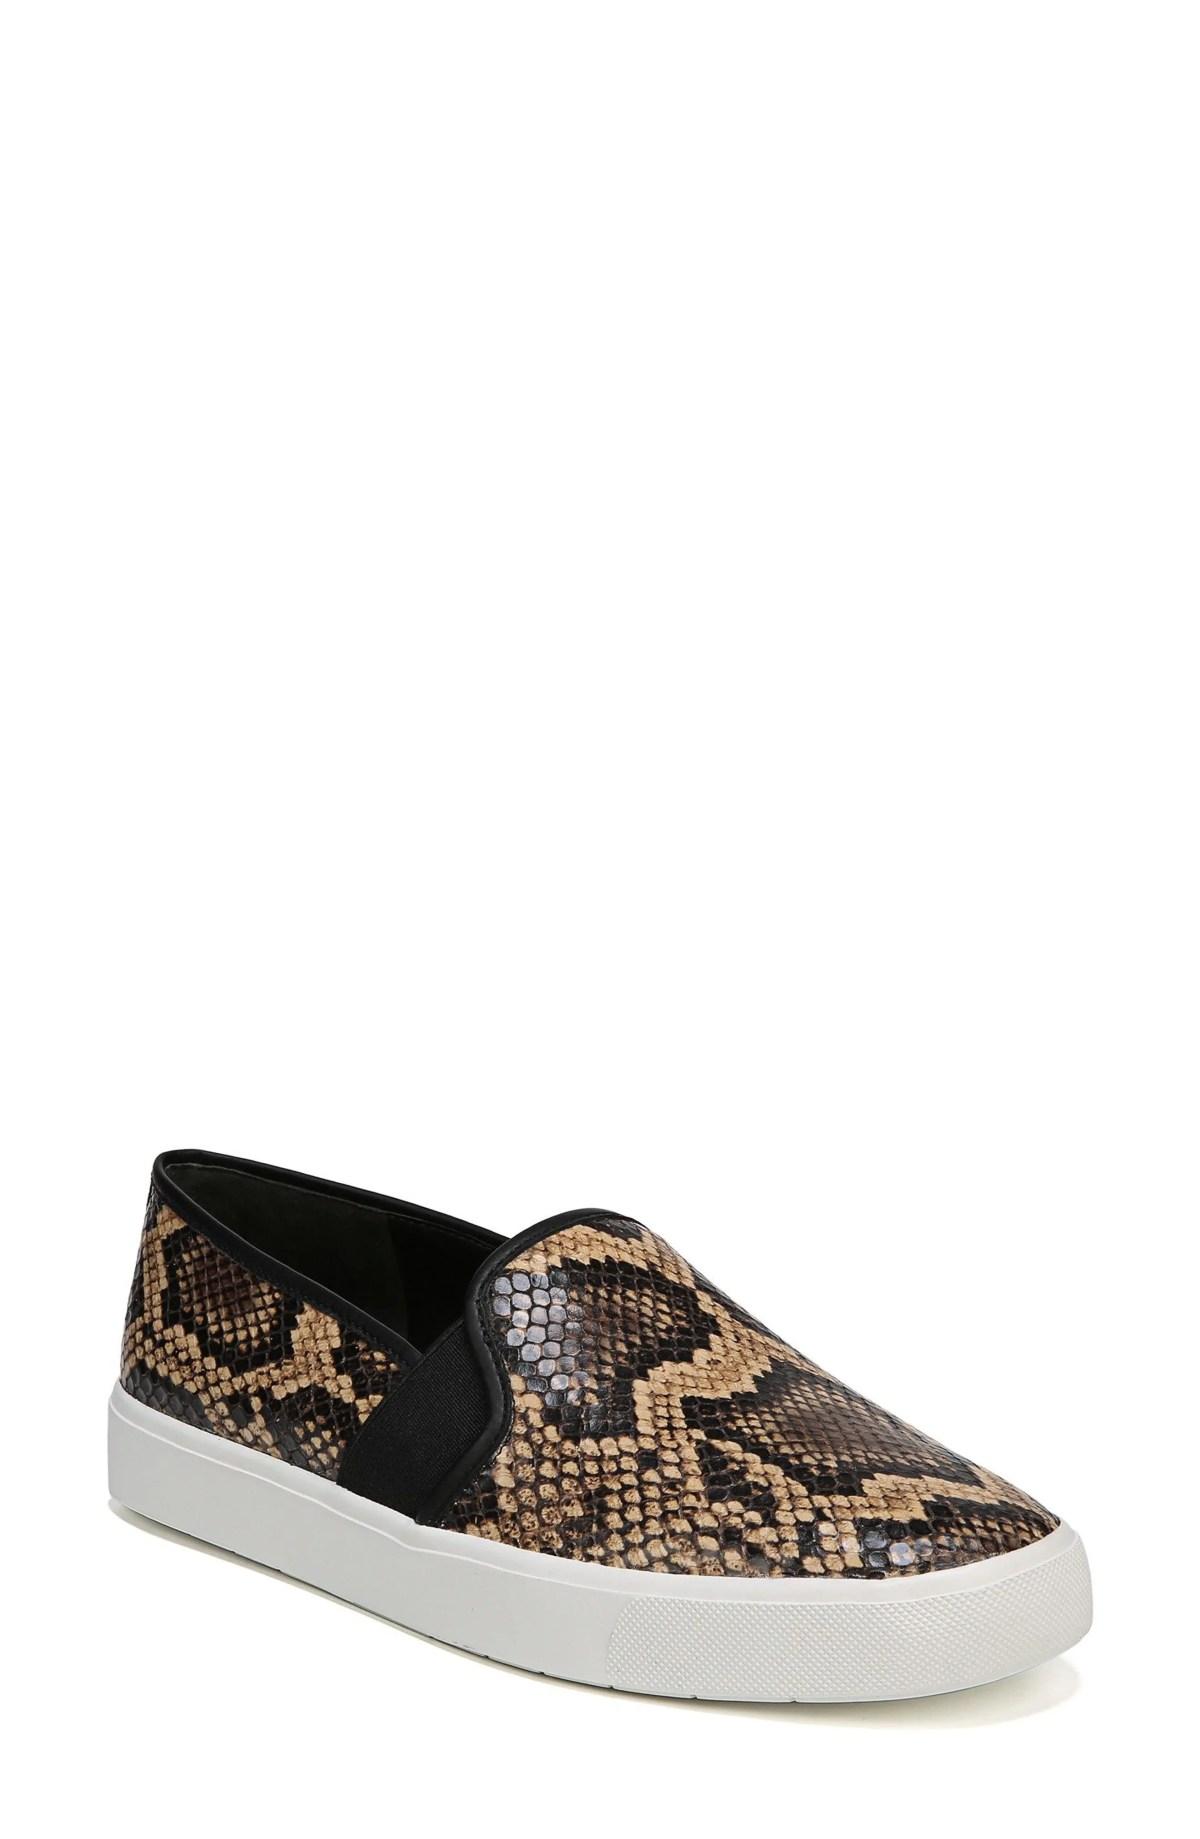 VINCE Blair 5 Slip-On Sneaker, Main, color, SENEGAL SNAKE PRINT